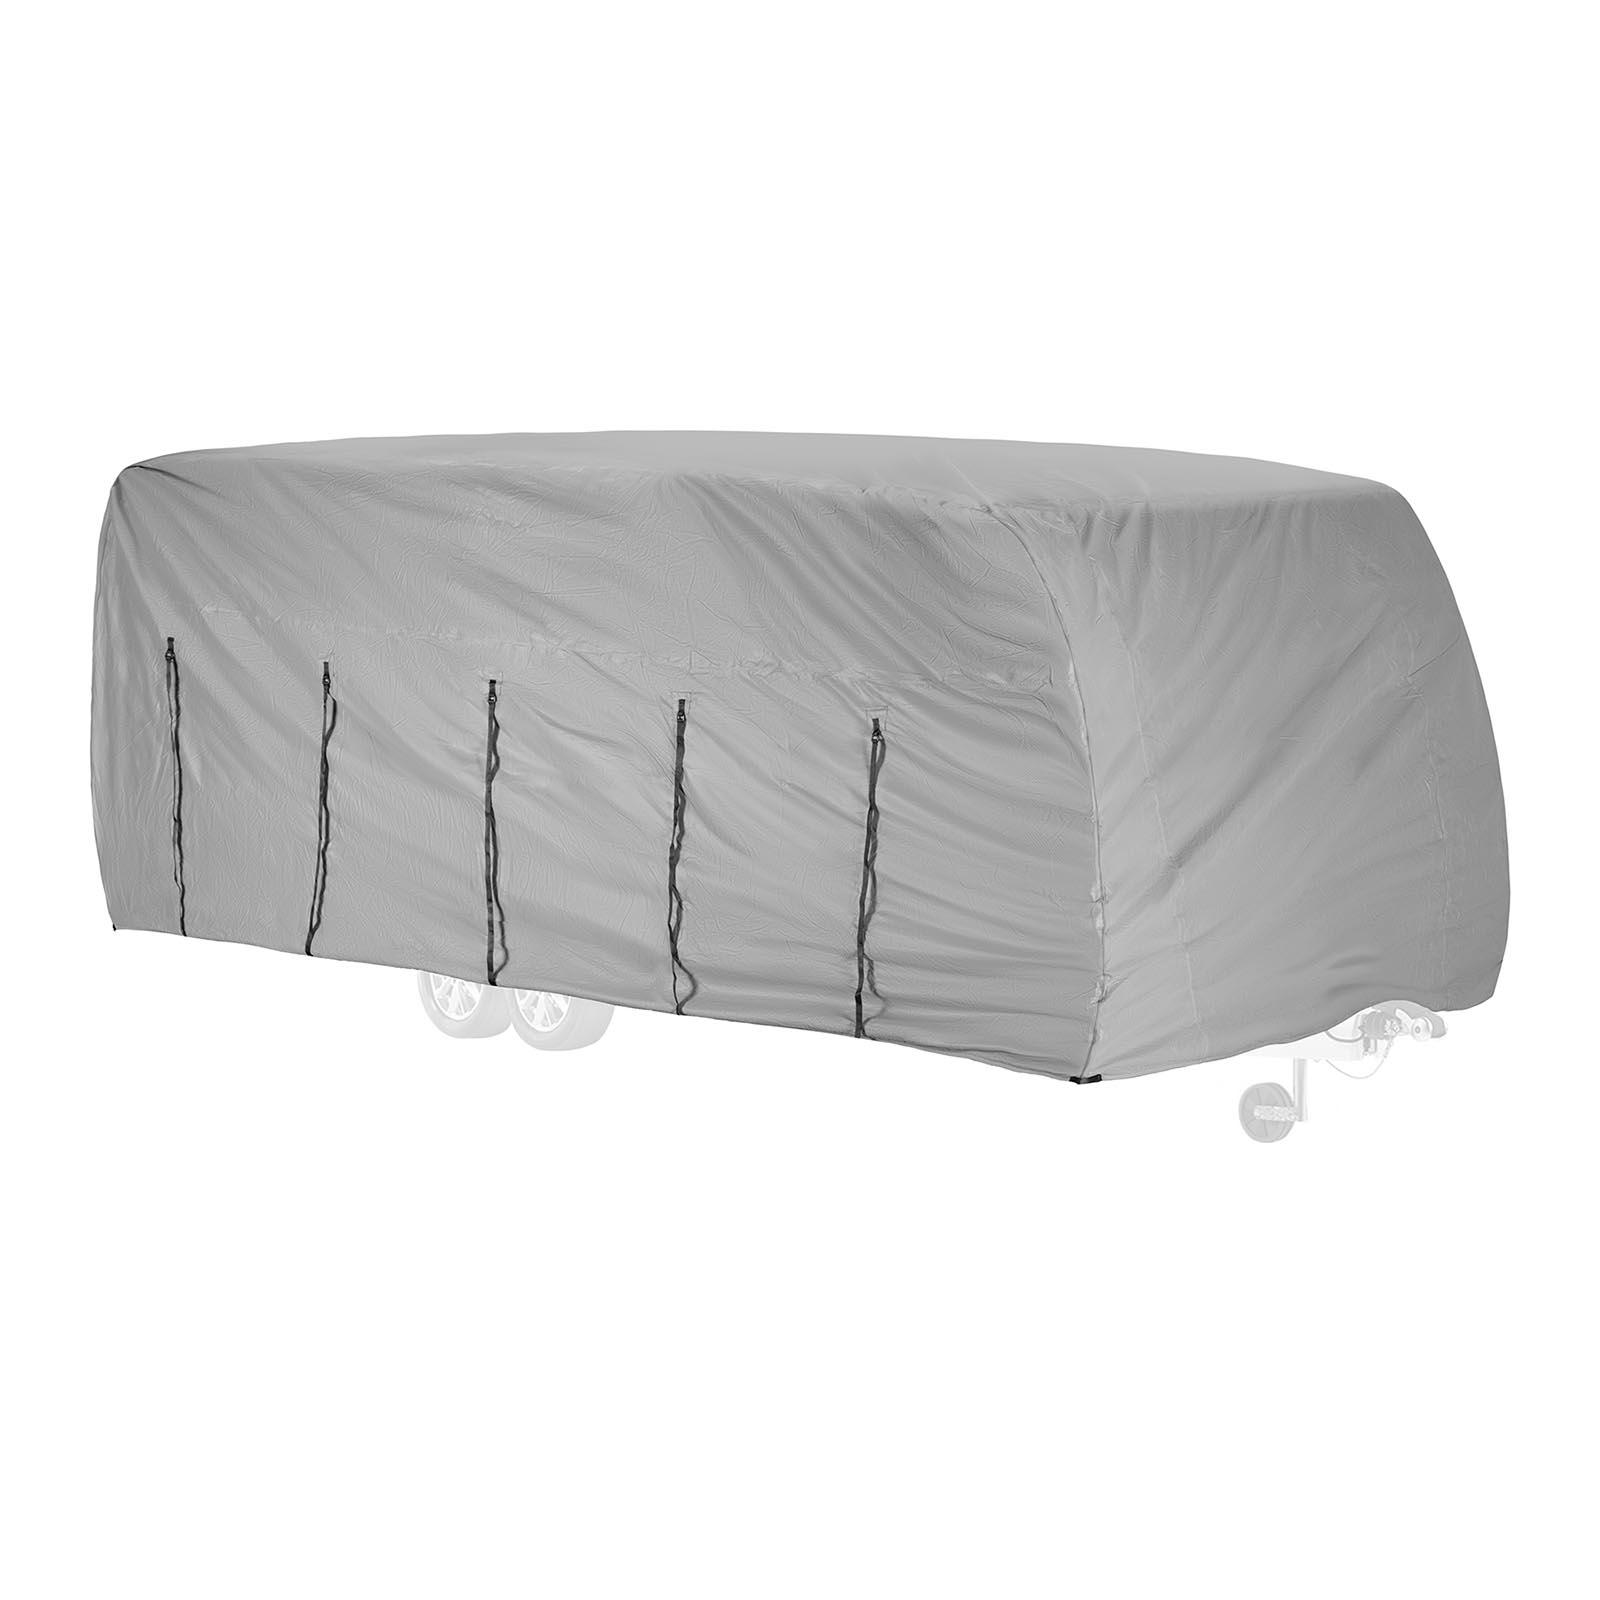 Car, caravan, boat covers